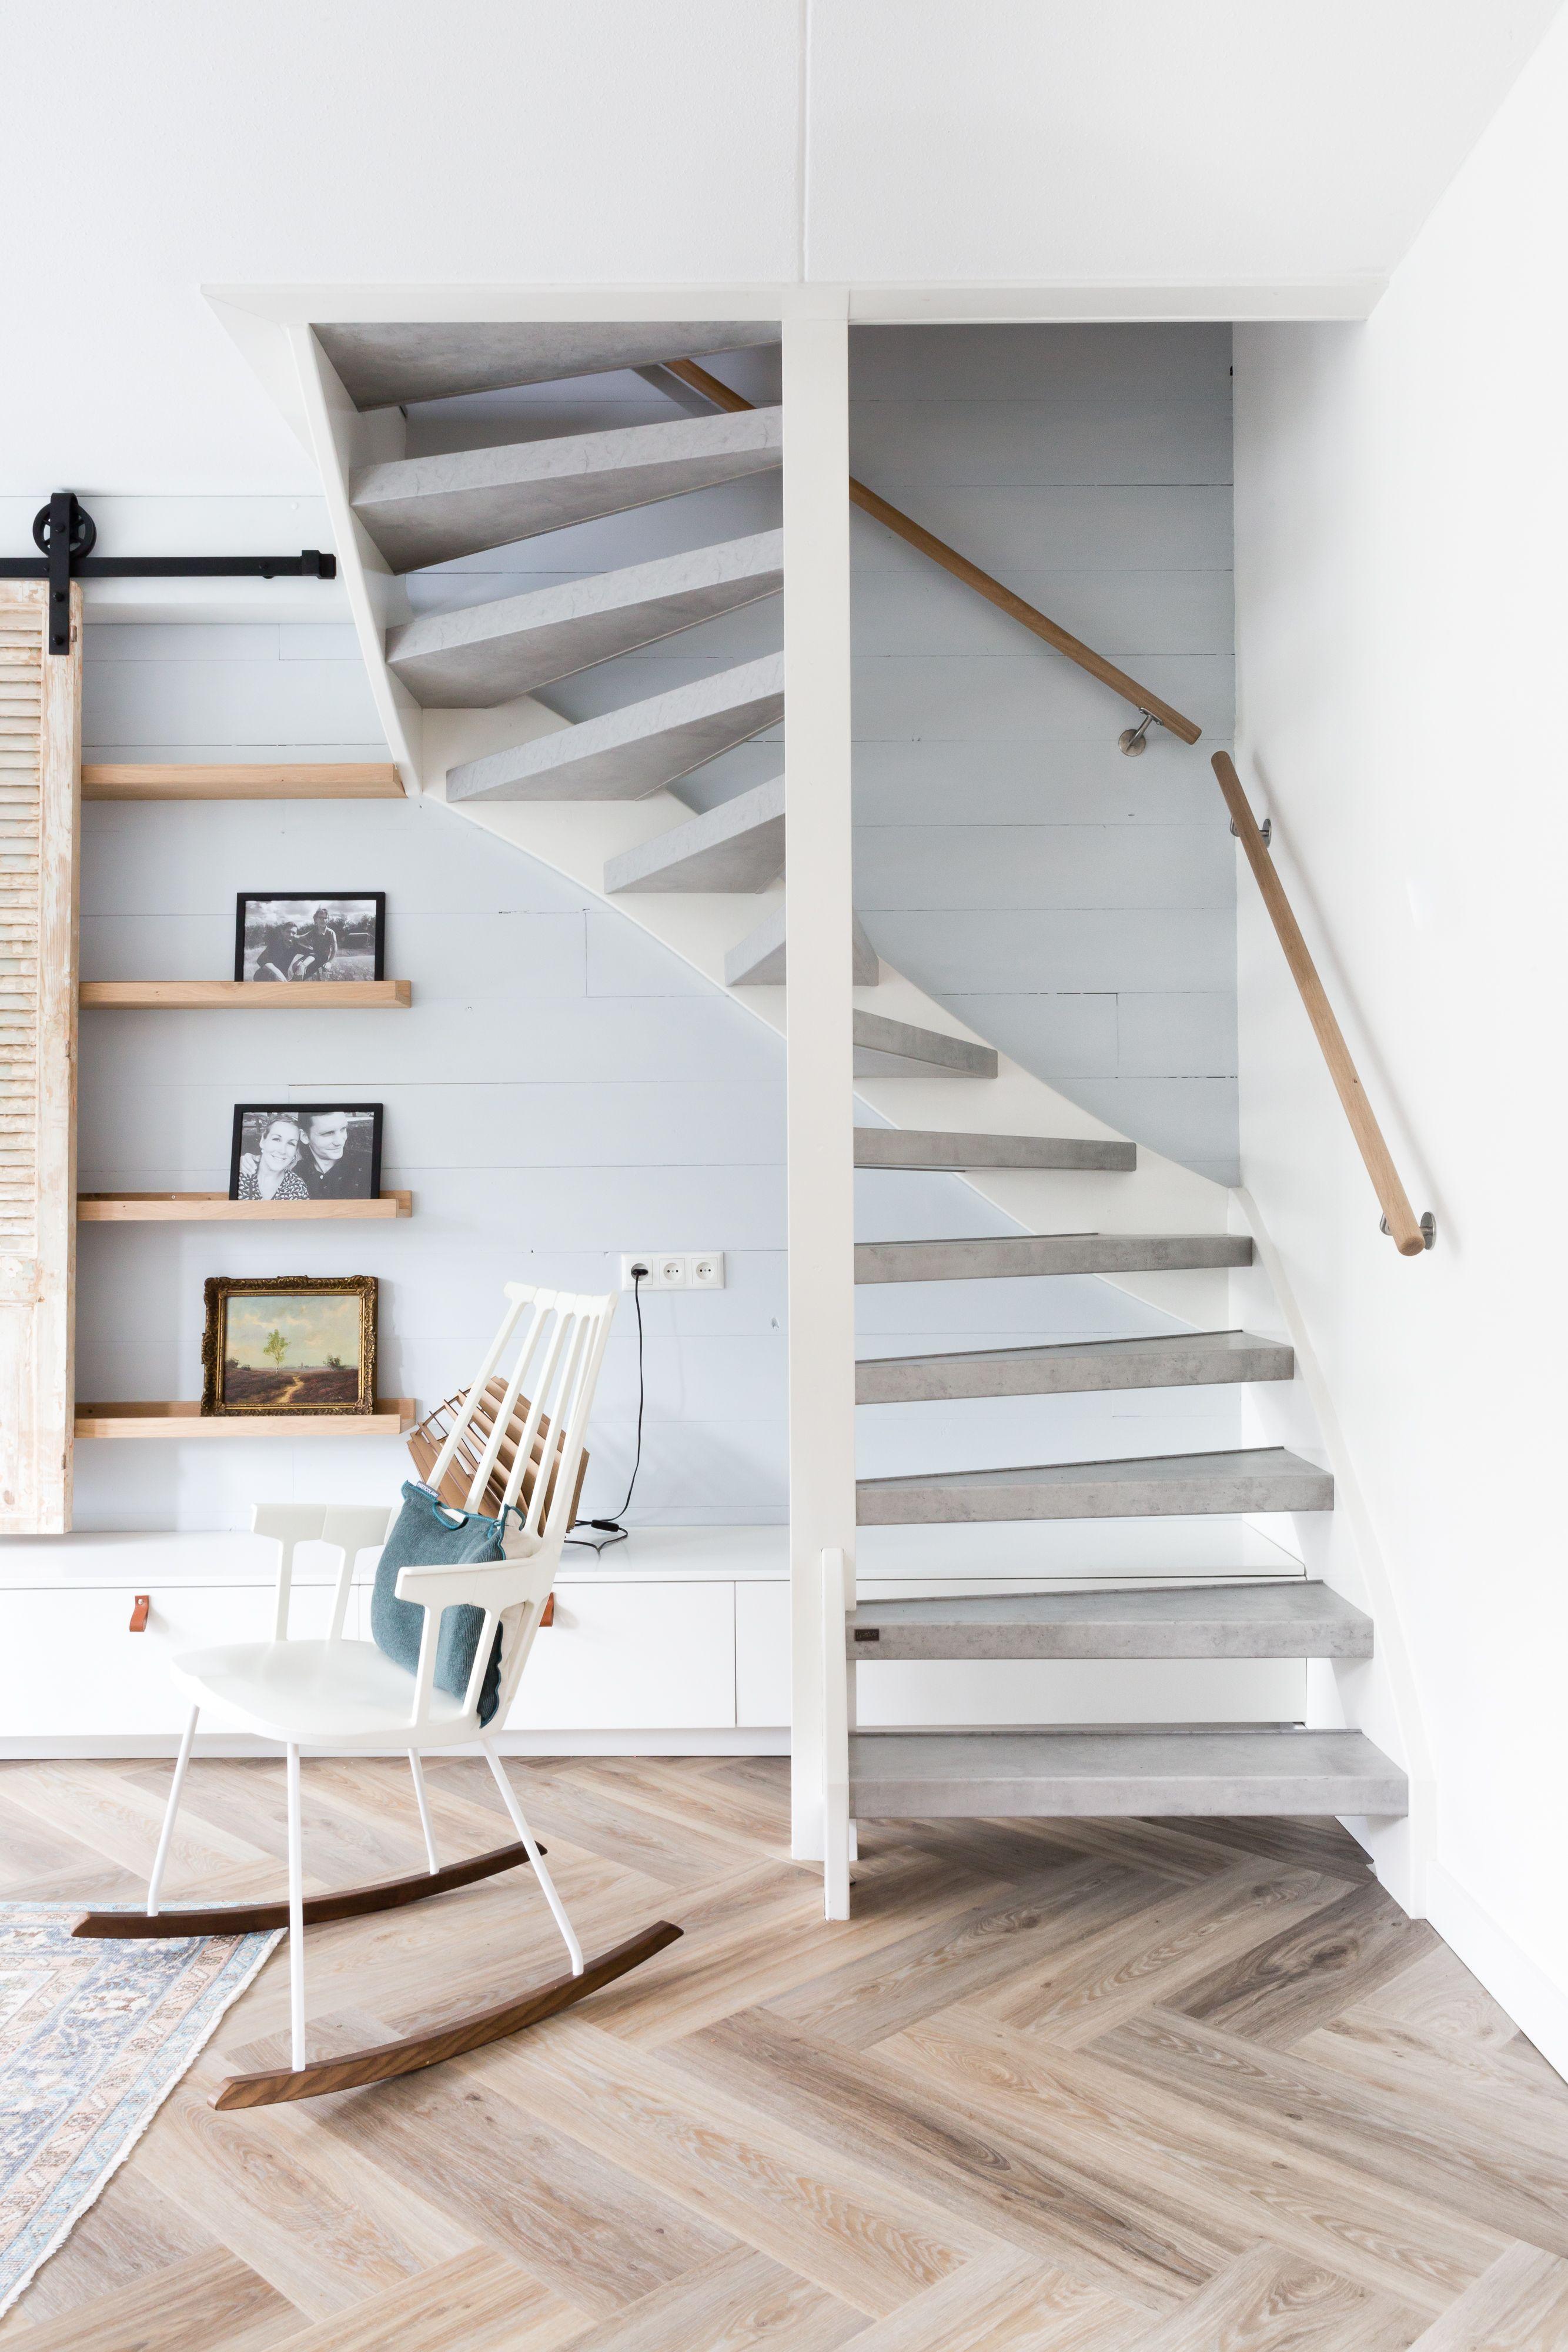 Extreem Een open trap dubbelzijdig bekleden? Decor: Cloudy Cement Leuning #XH88